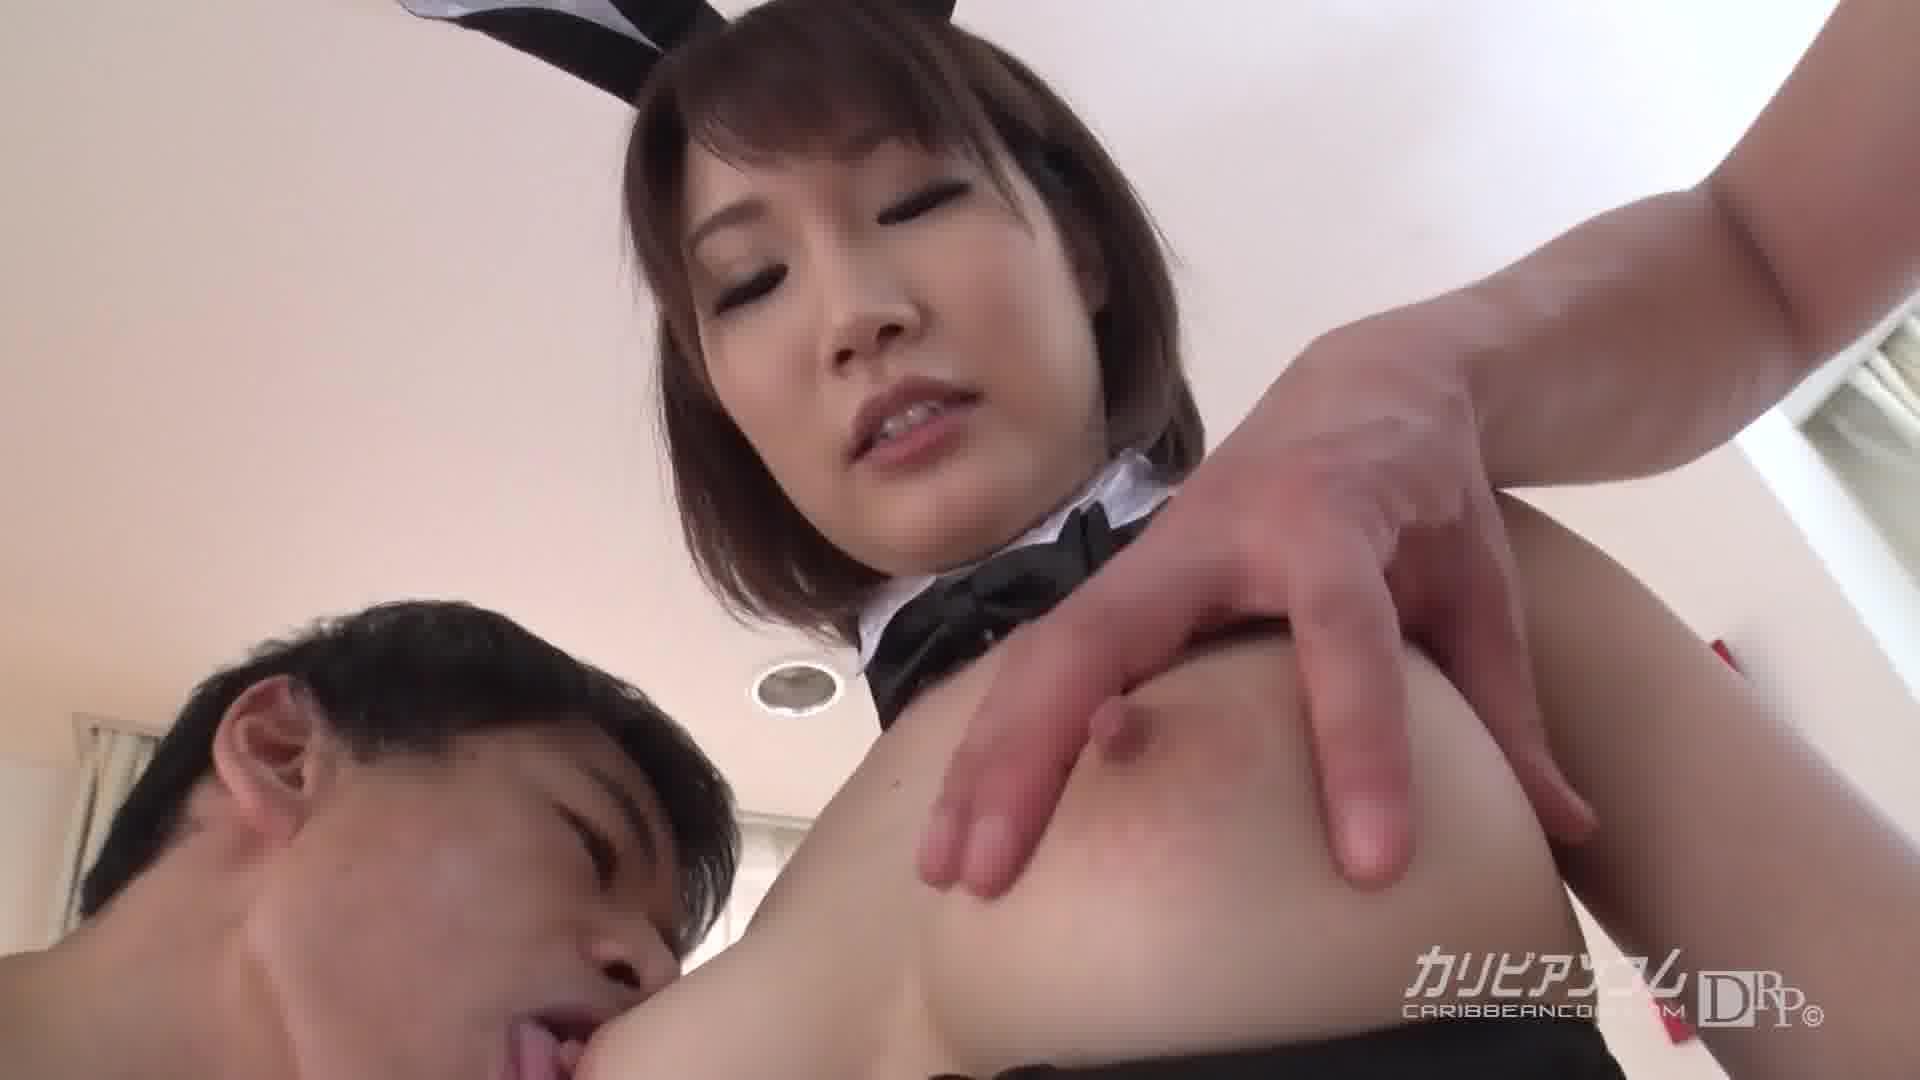 スカイエンジェル 175 パート 2 - 舞咲みくに【巨乳・コスプレ・ハード系】